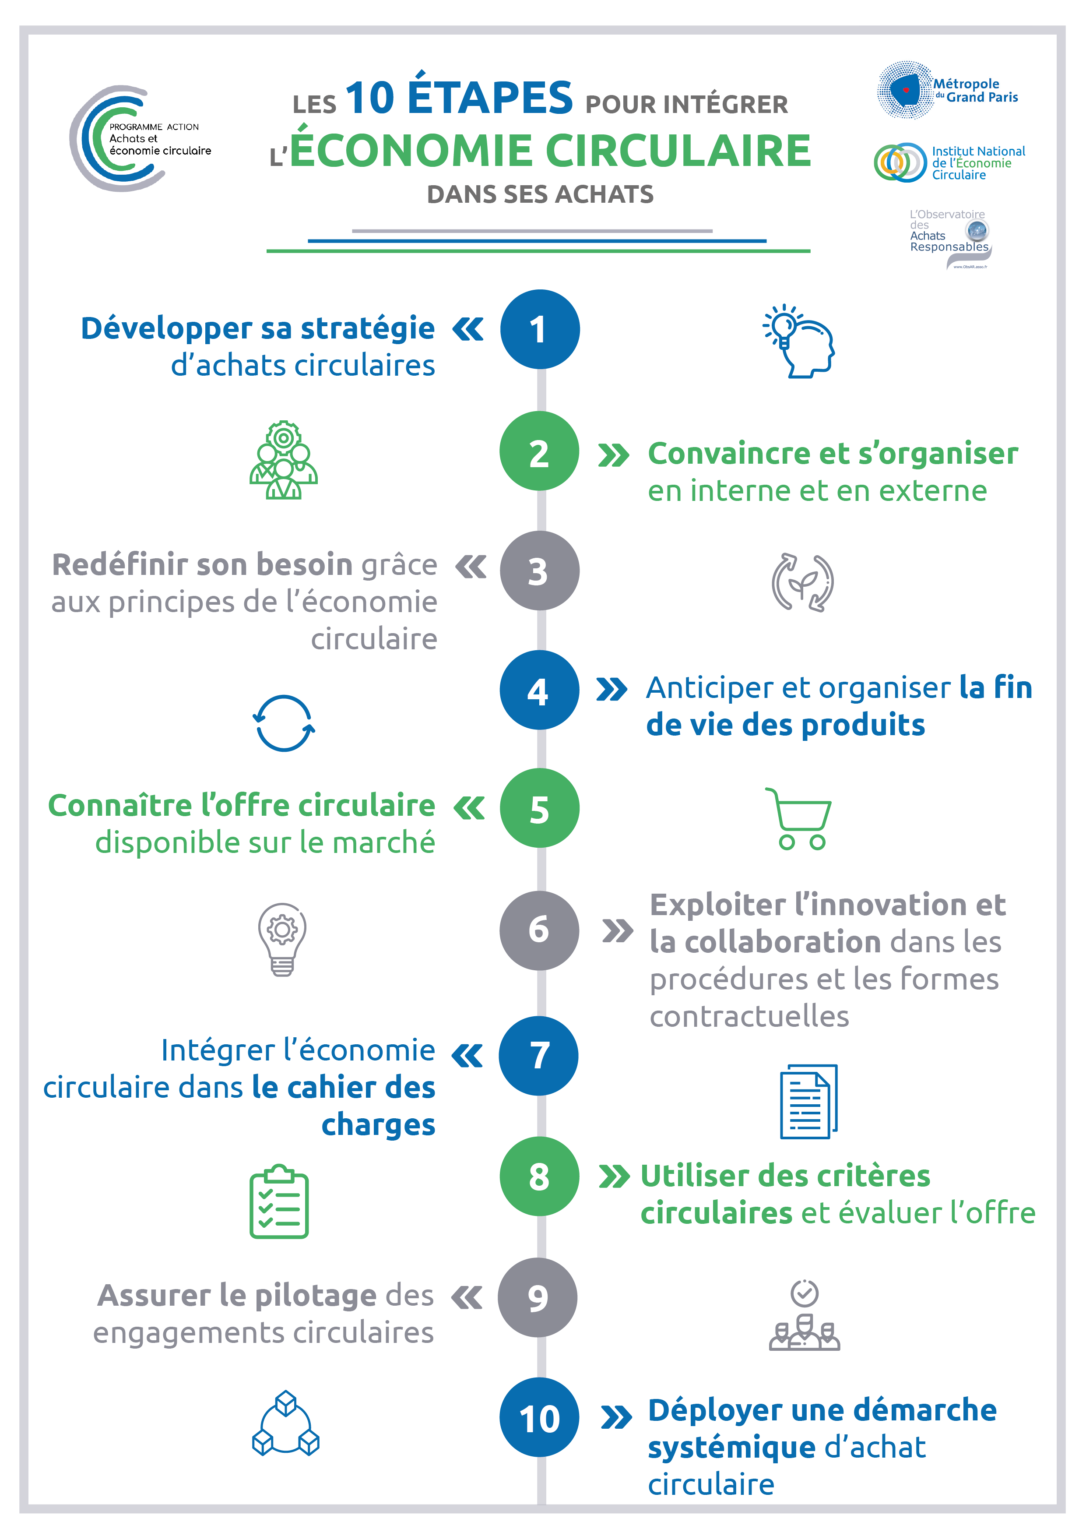 Les 10 étapes pour intégrer l'économie circulaire dans ses achats